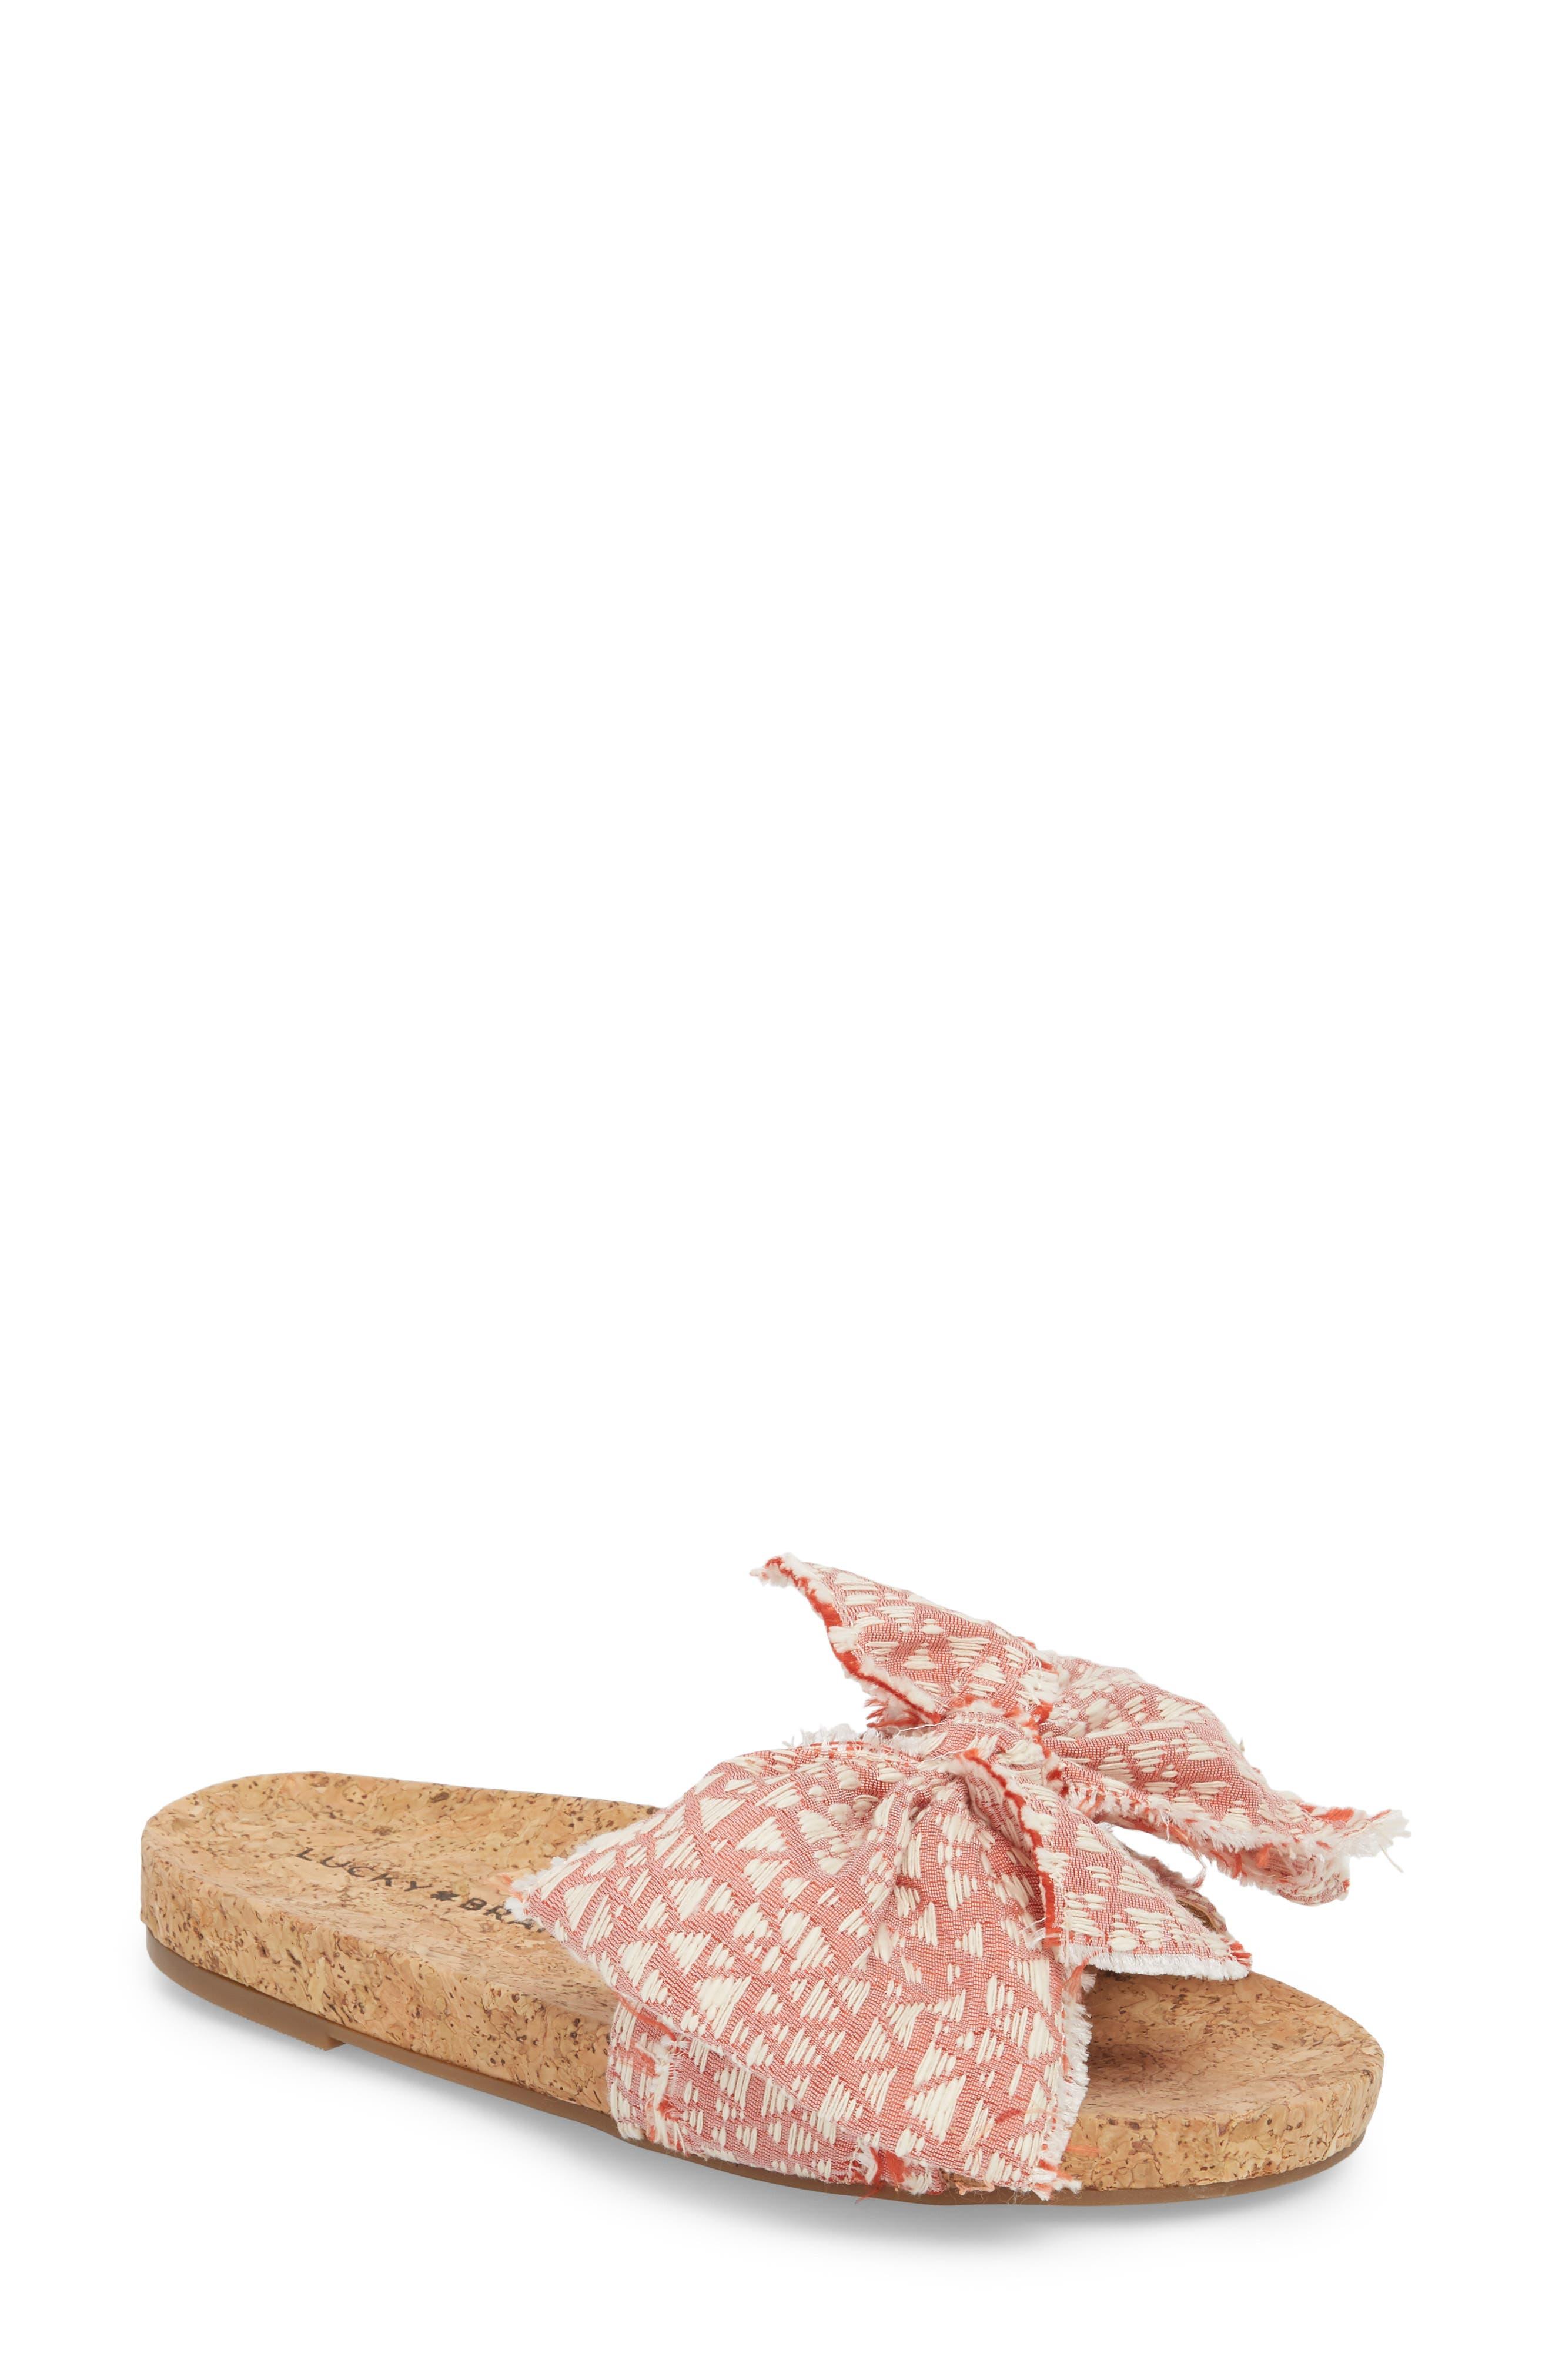 Floella Bow Slide Sandal,                             Main thumbnail 3, color,